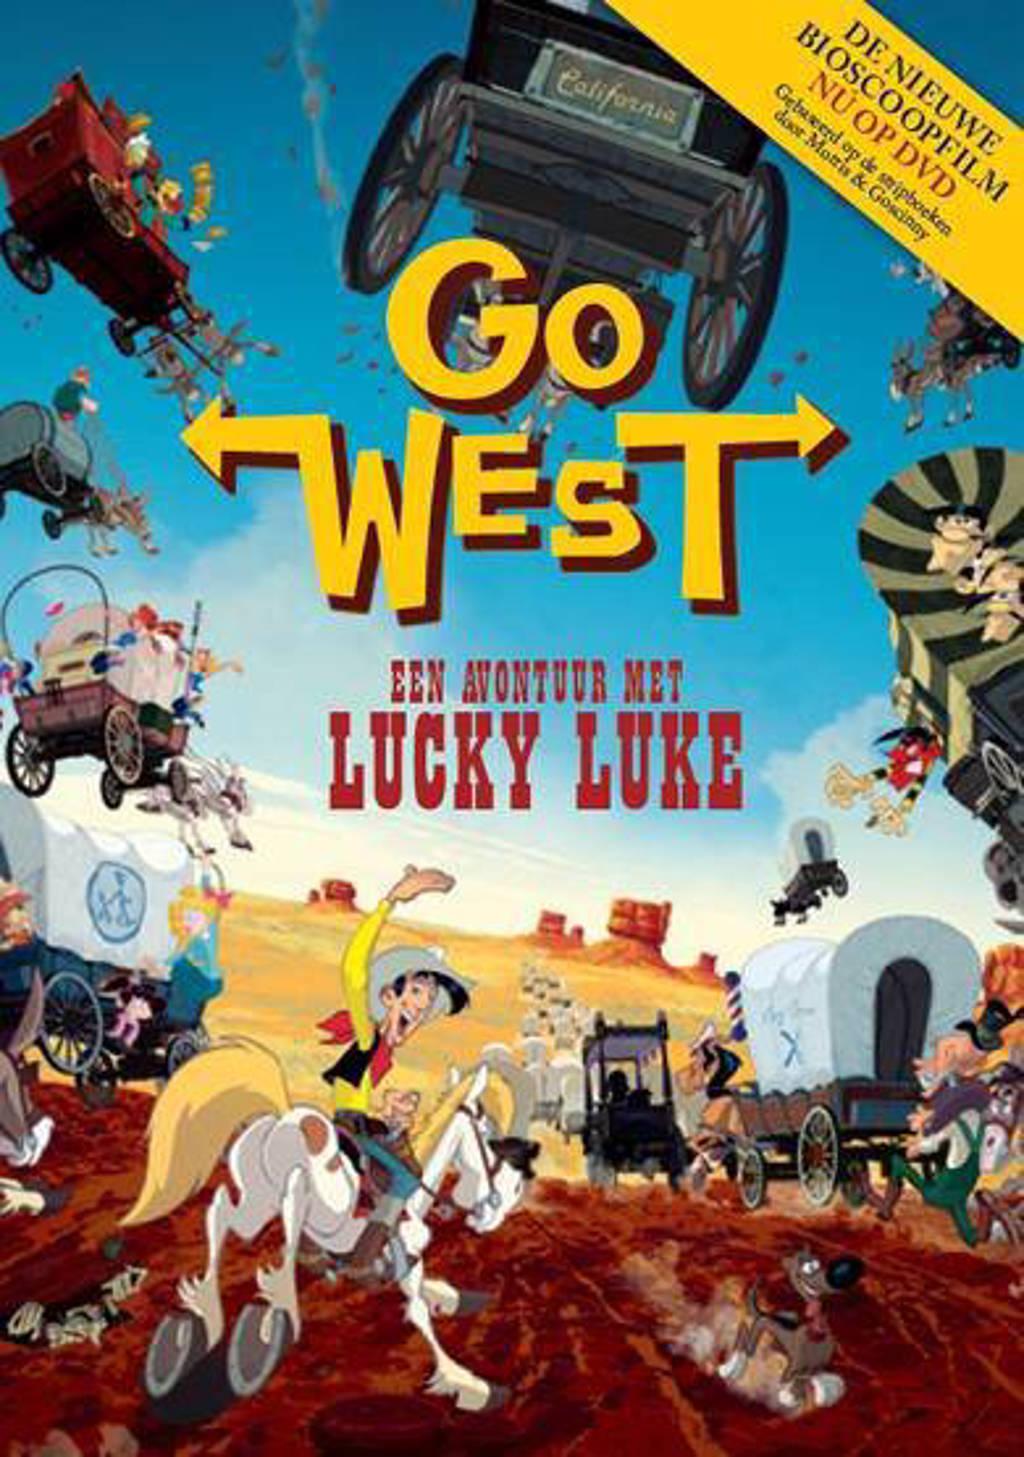 Go west - Een avontuur met Lucky Luke (DVD)